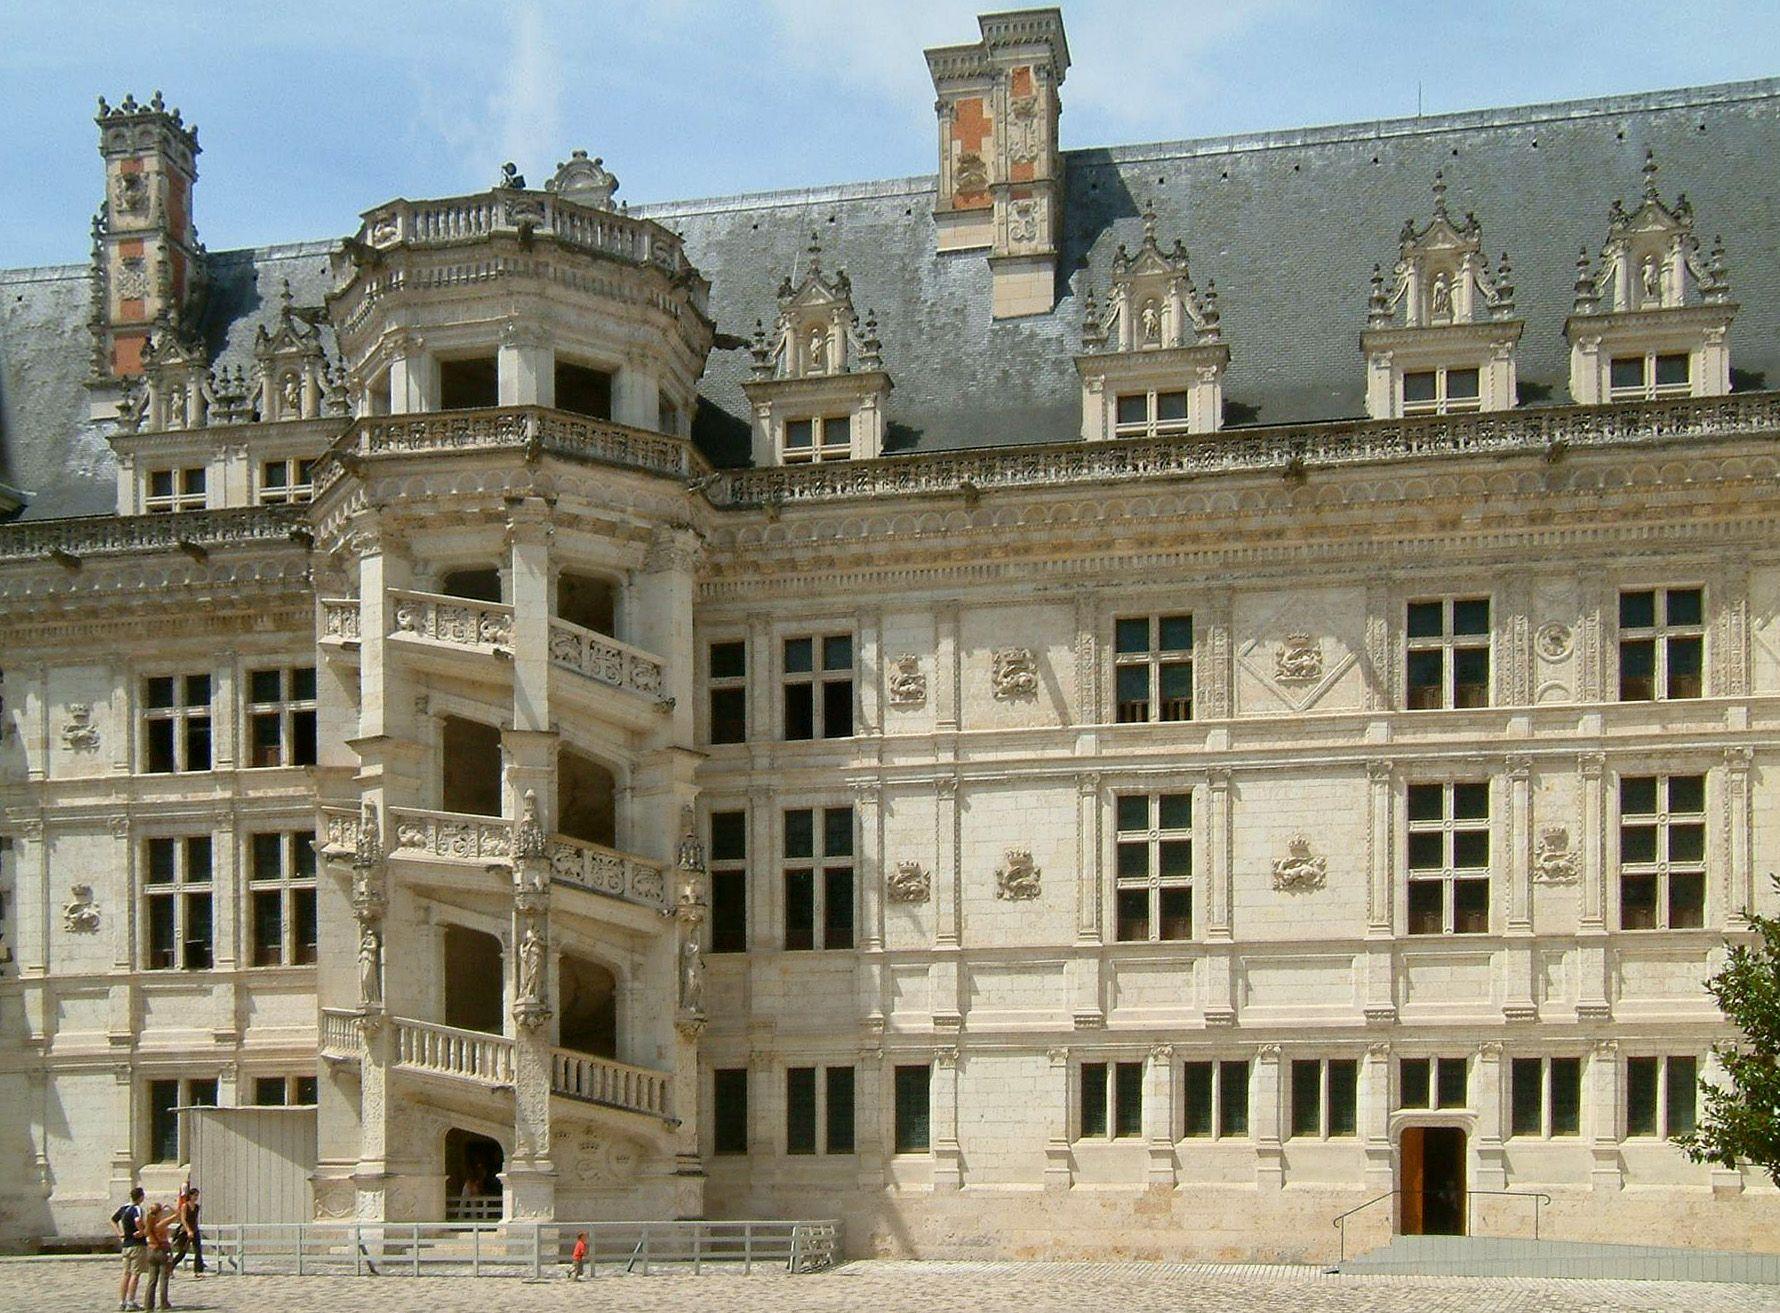 Chateau de Blois Loir et Cher escalier et fa§ade Renaissance